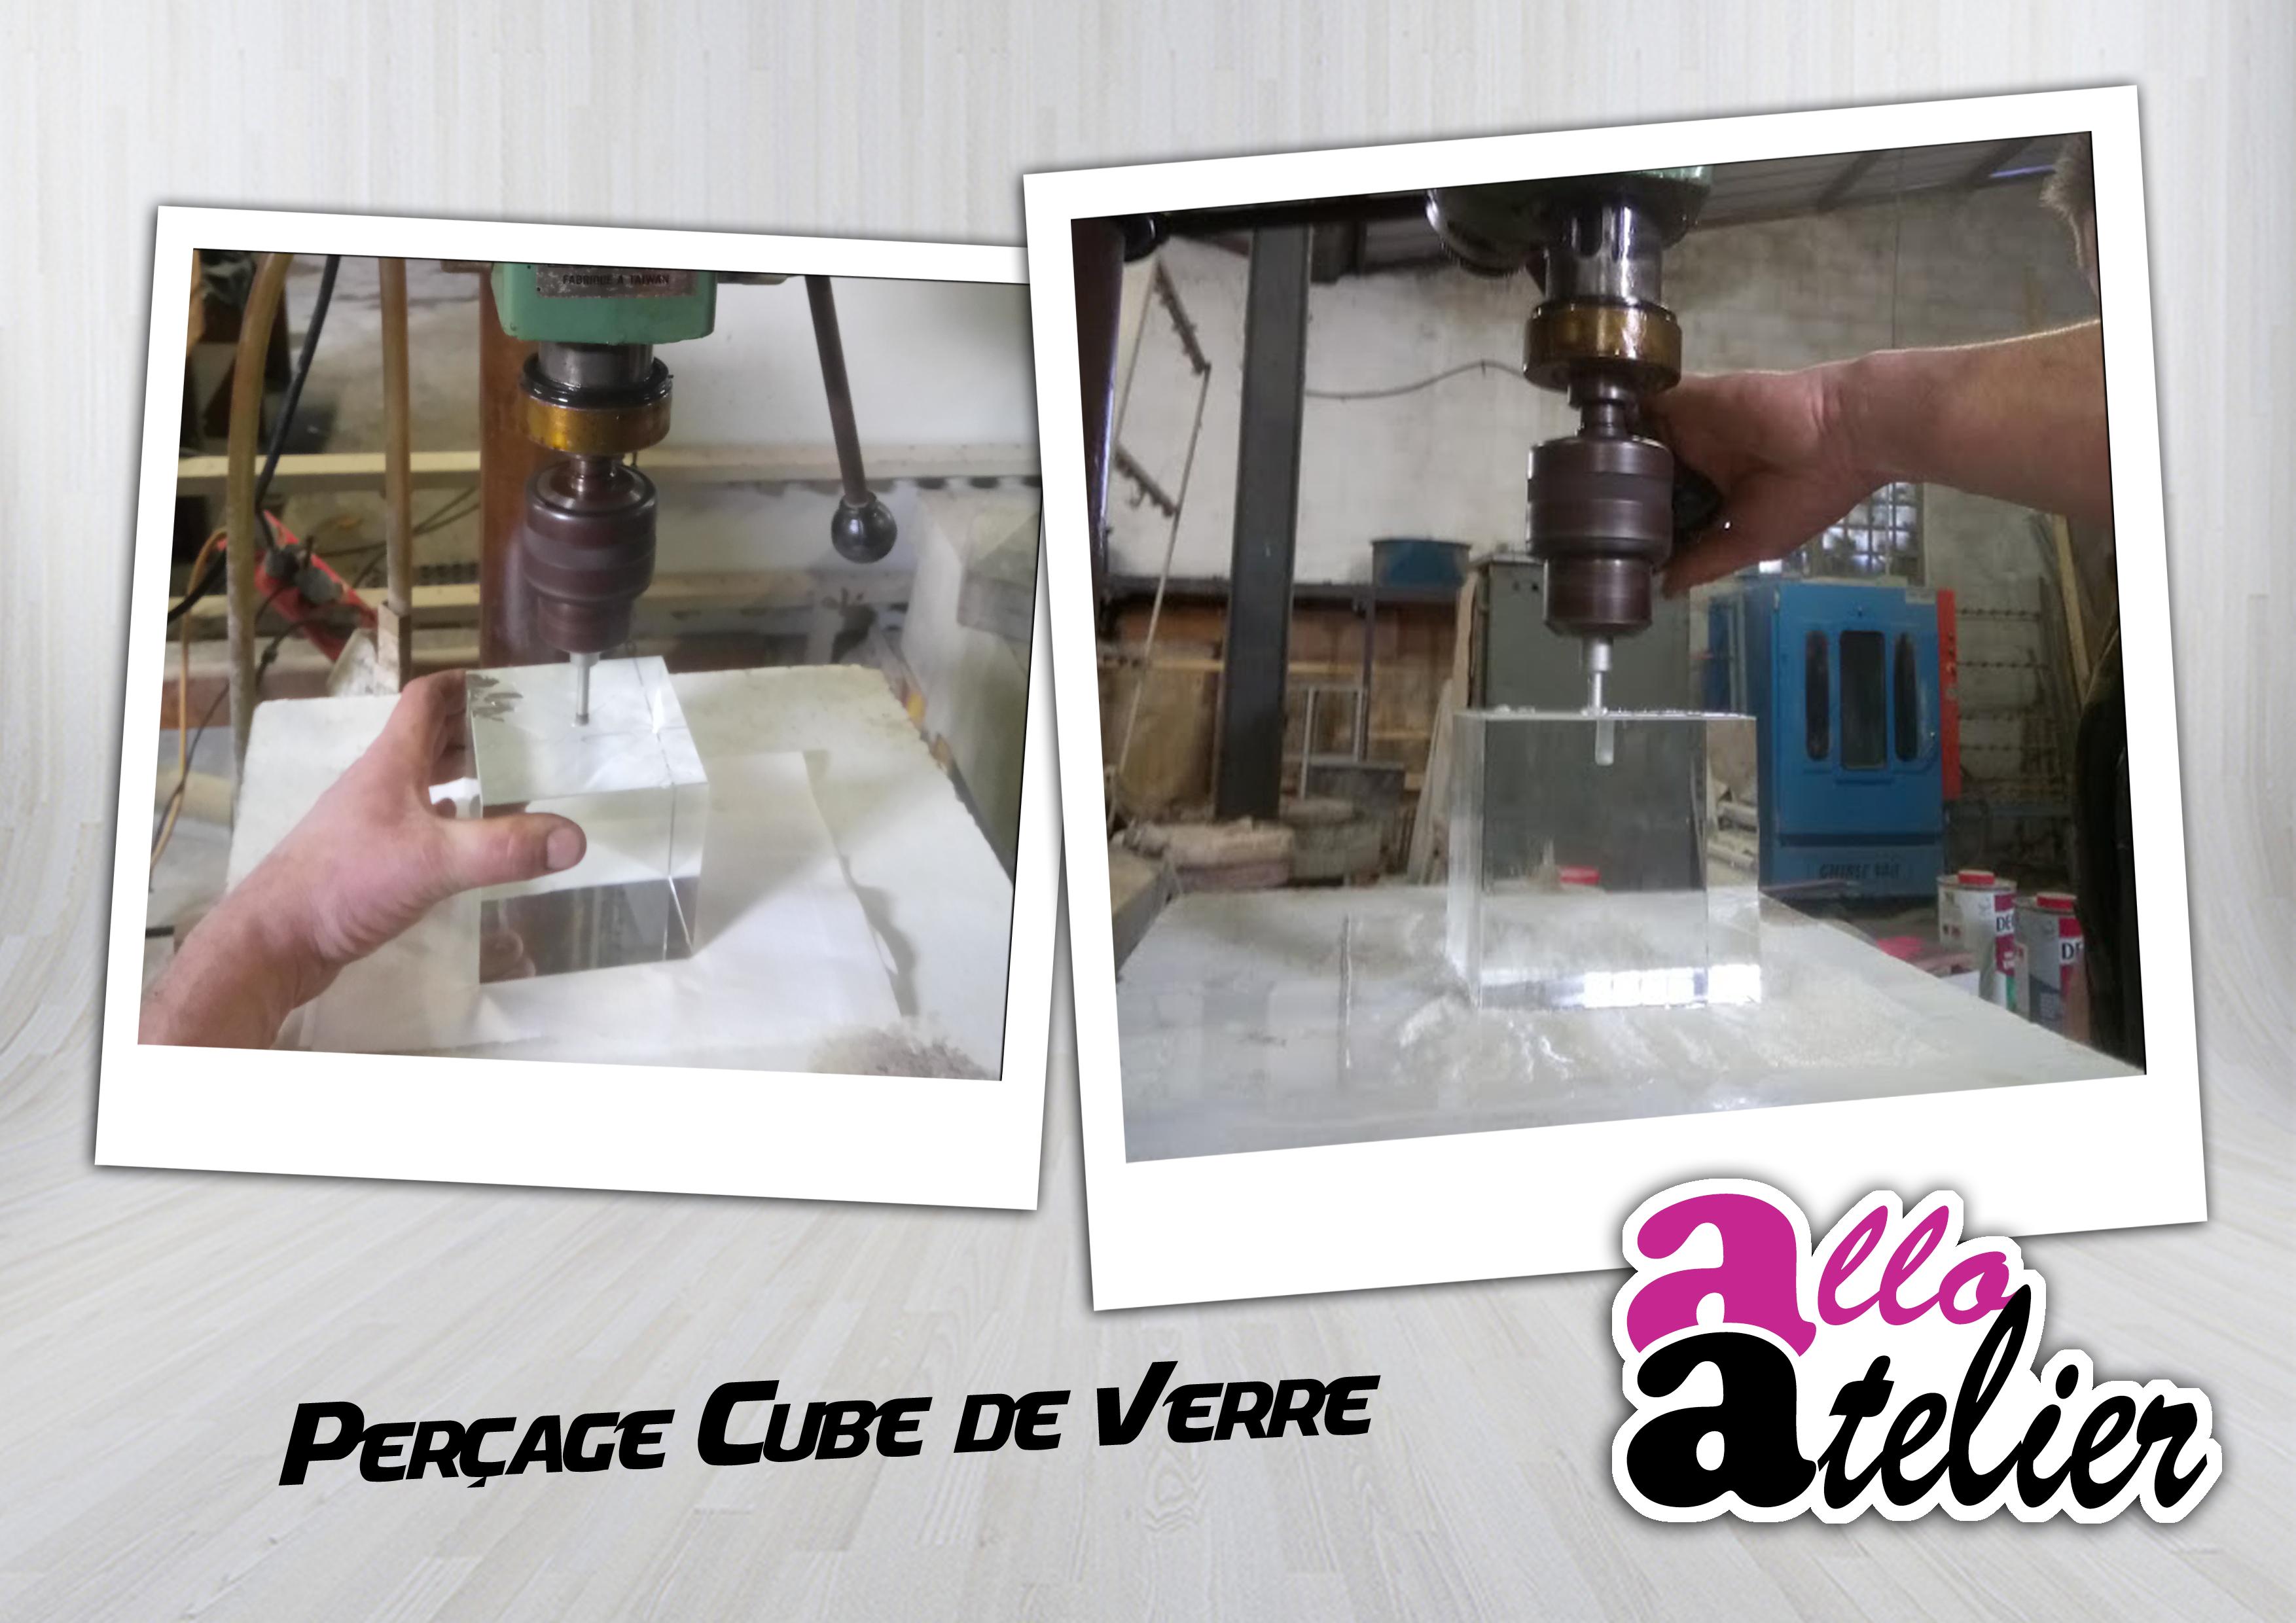 allo_atelier_cristallerie_percage_cube_verre